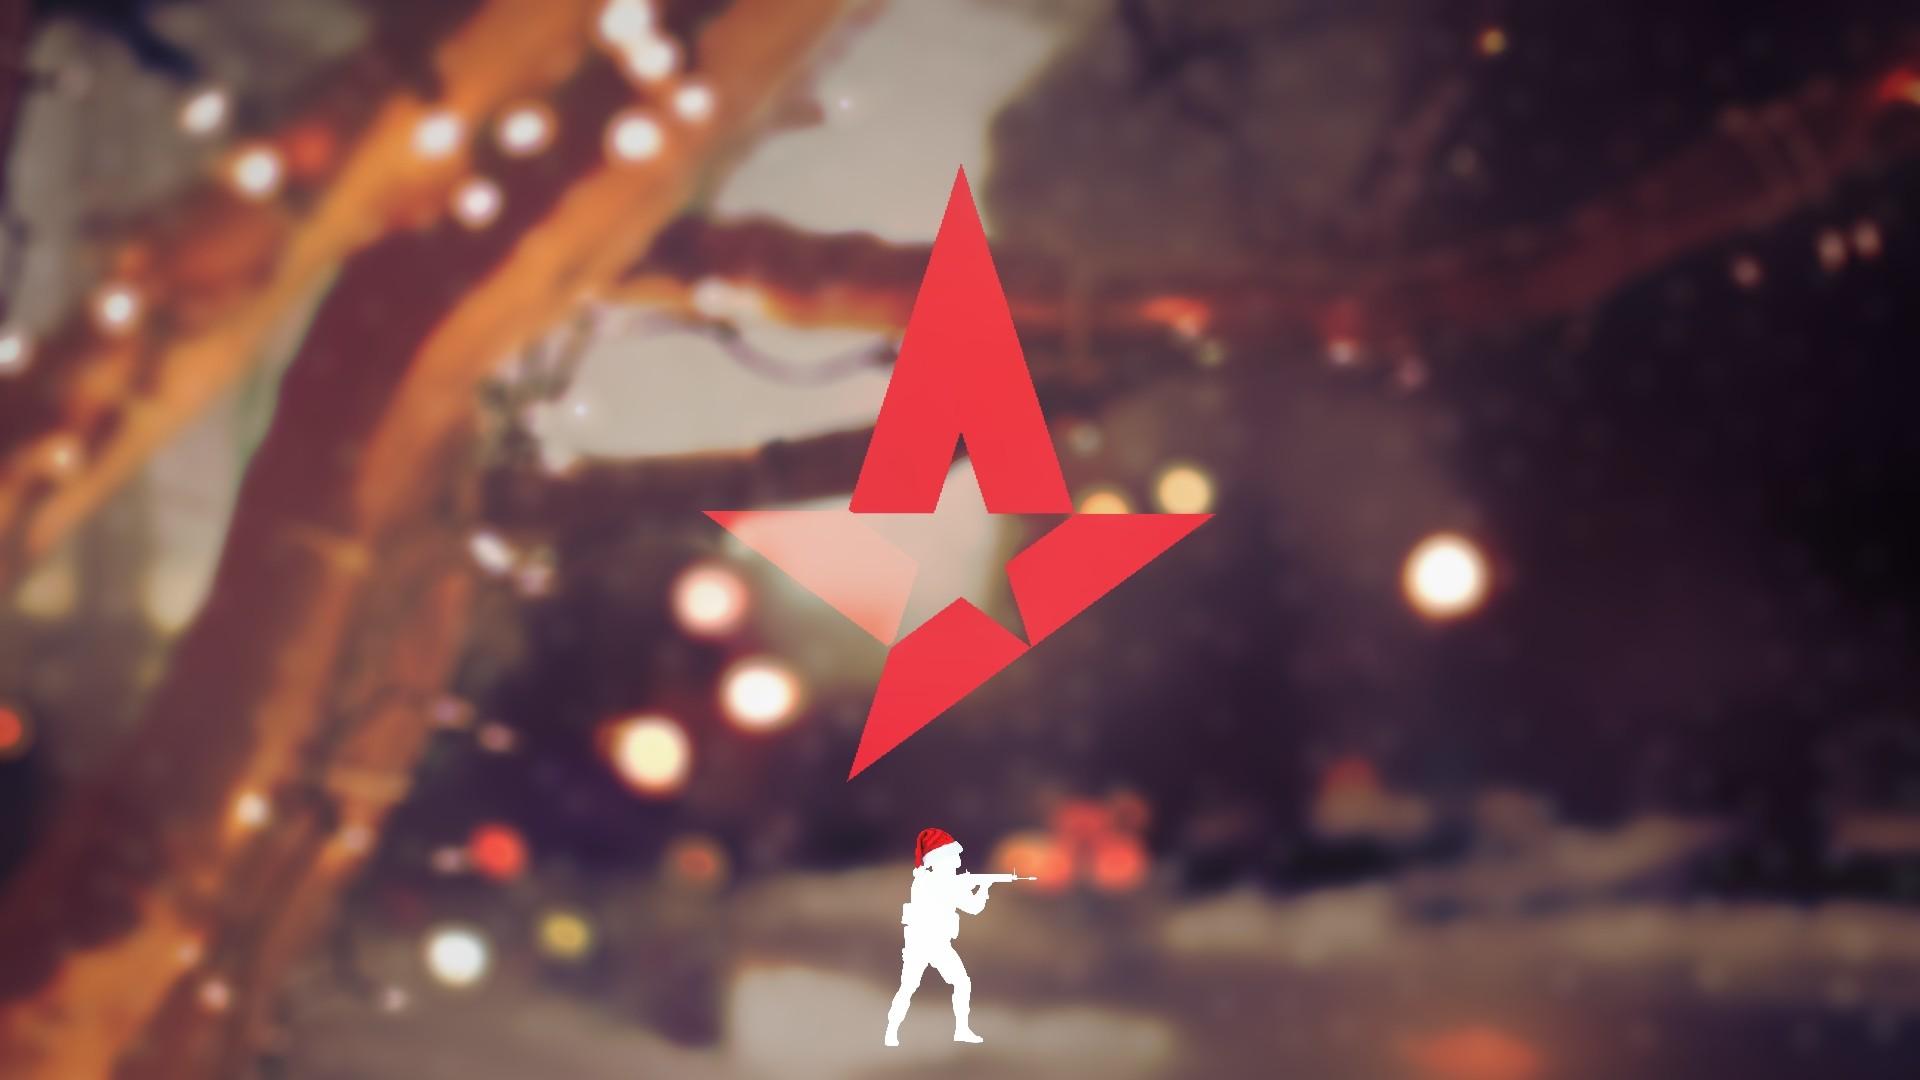 Hintergrundbilder : Videospiele, Nacht-, rot, Betrachtung, Abend ...